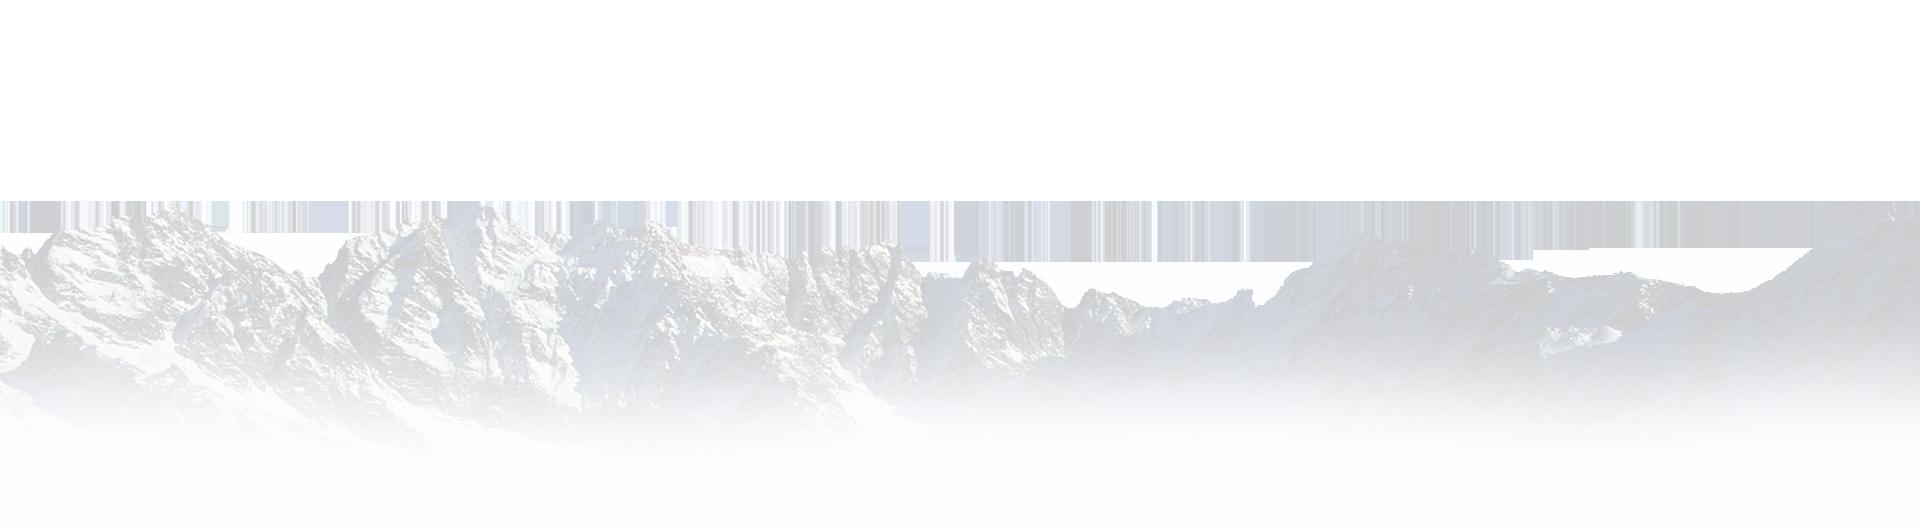 Coppa Del Mondo Di Sci 2020 Calendario.Sci Nordico Fisi Alpi Centrali Federazione Italiana